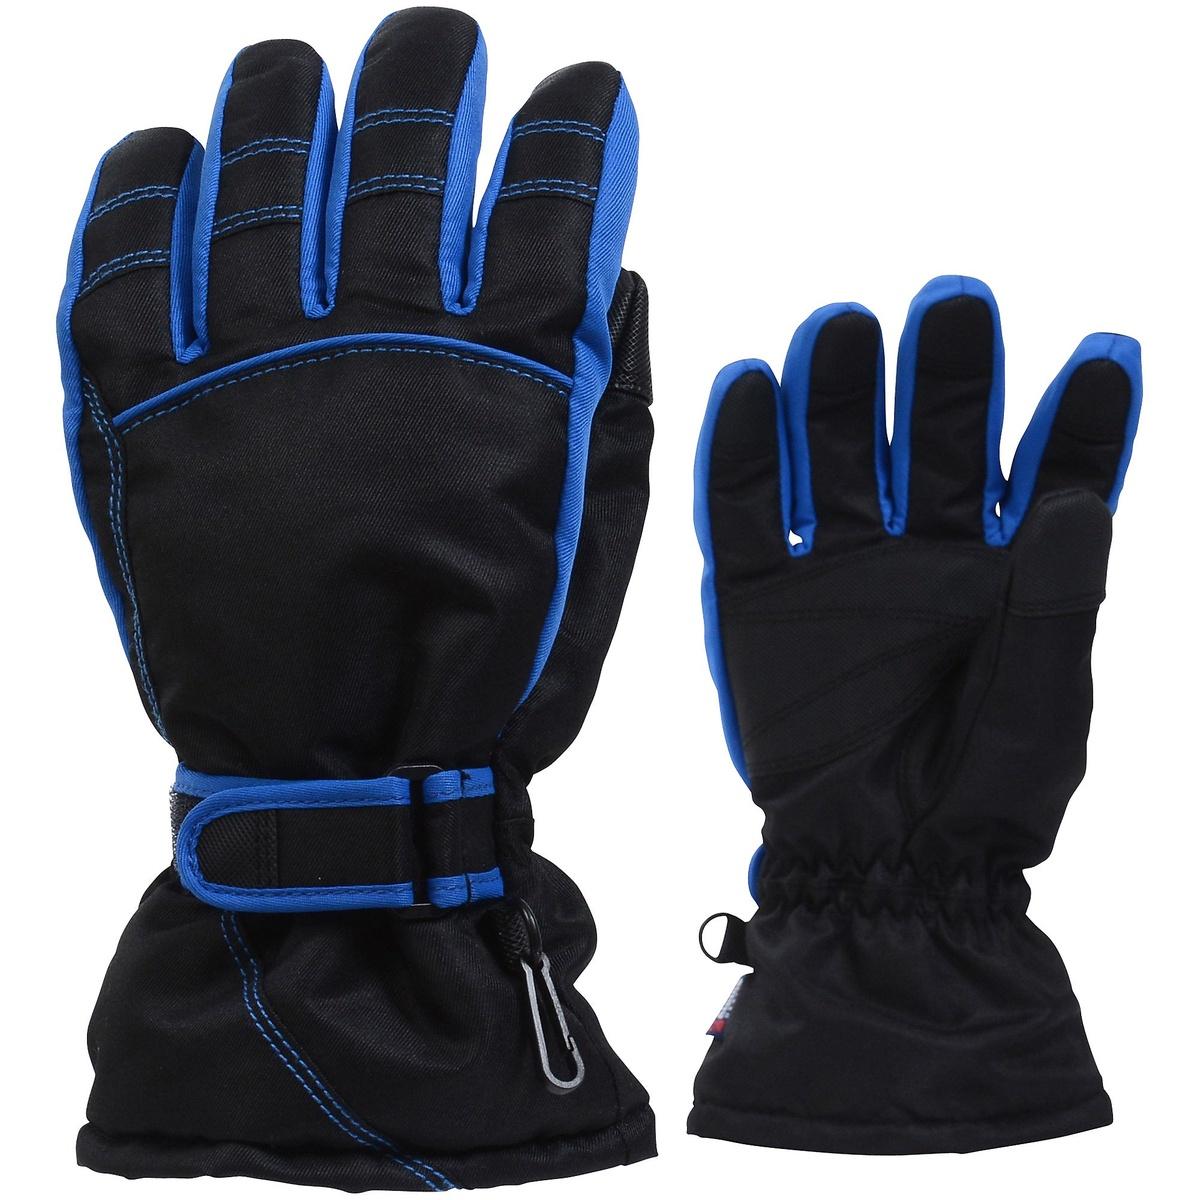 公式サイト アルパインデザイン ウインター 新商品 グローブ 手袋 ジュニア ジュニアウィンターグローブ Alpine ブルー DESIGN ブラック ボーイズ AD-F16-405-003 BLK